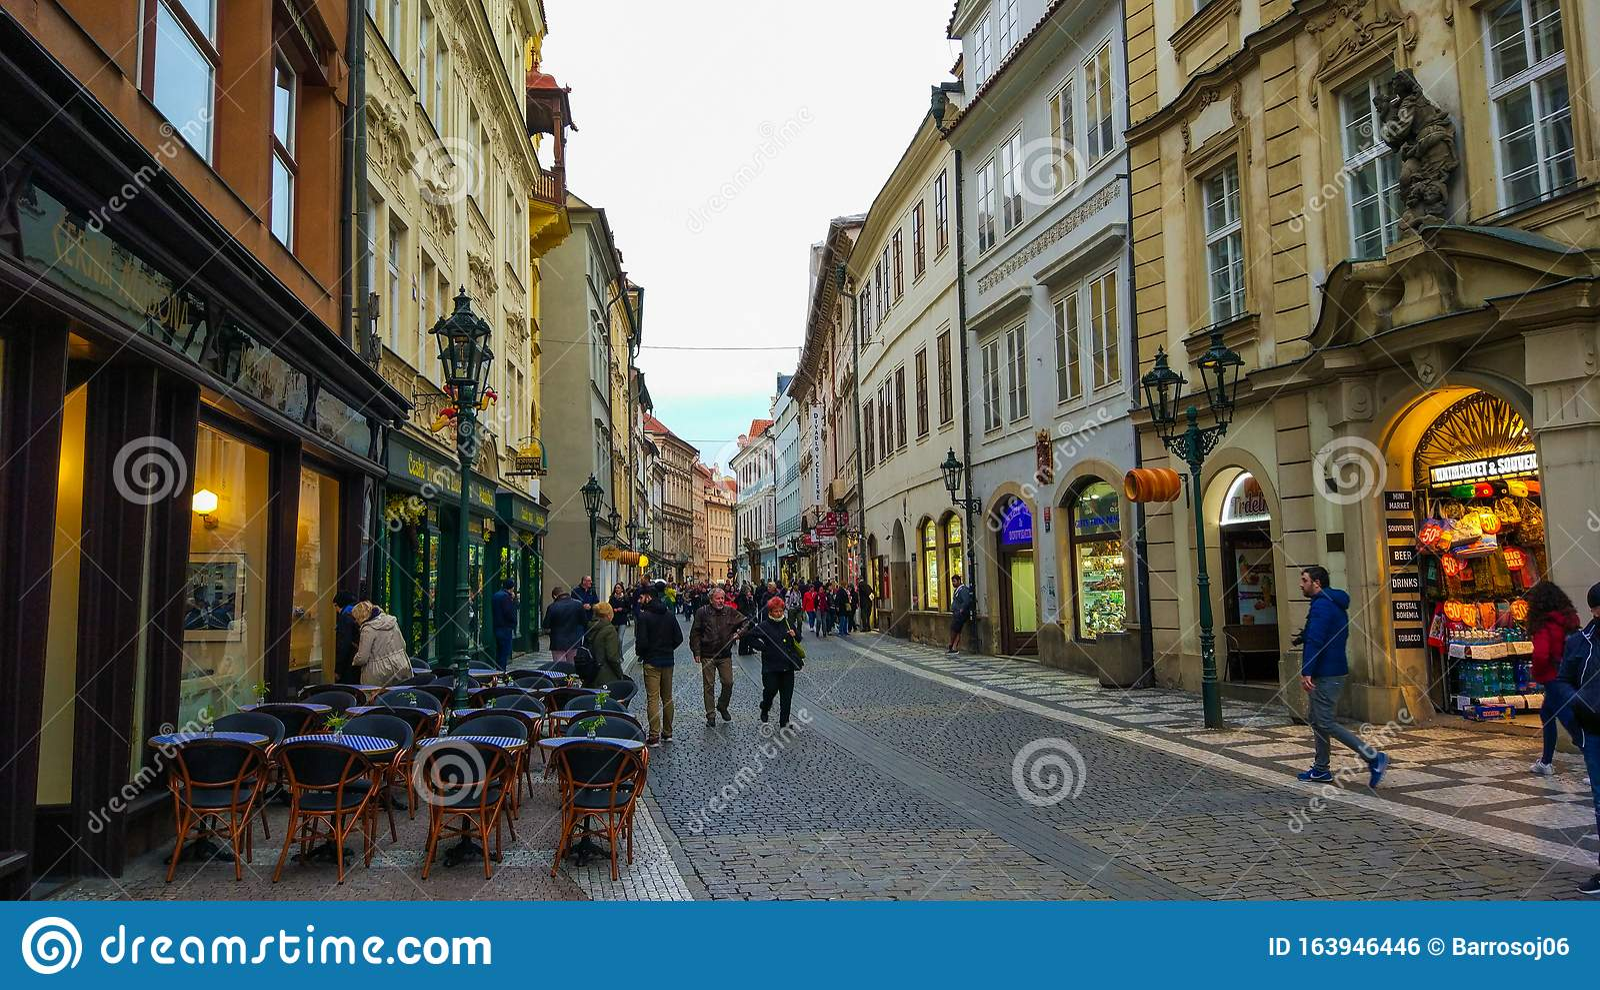 Czech streets 16